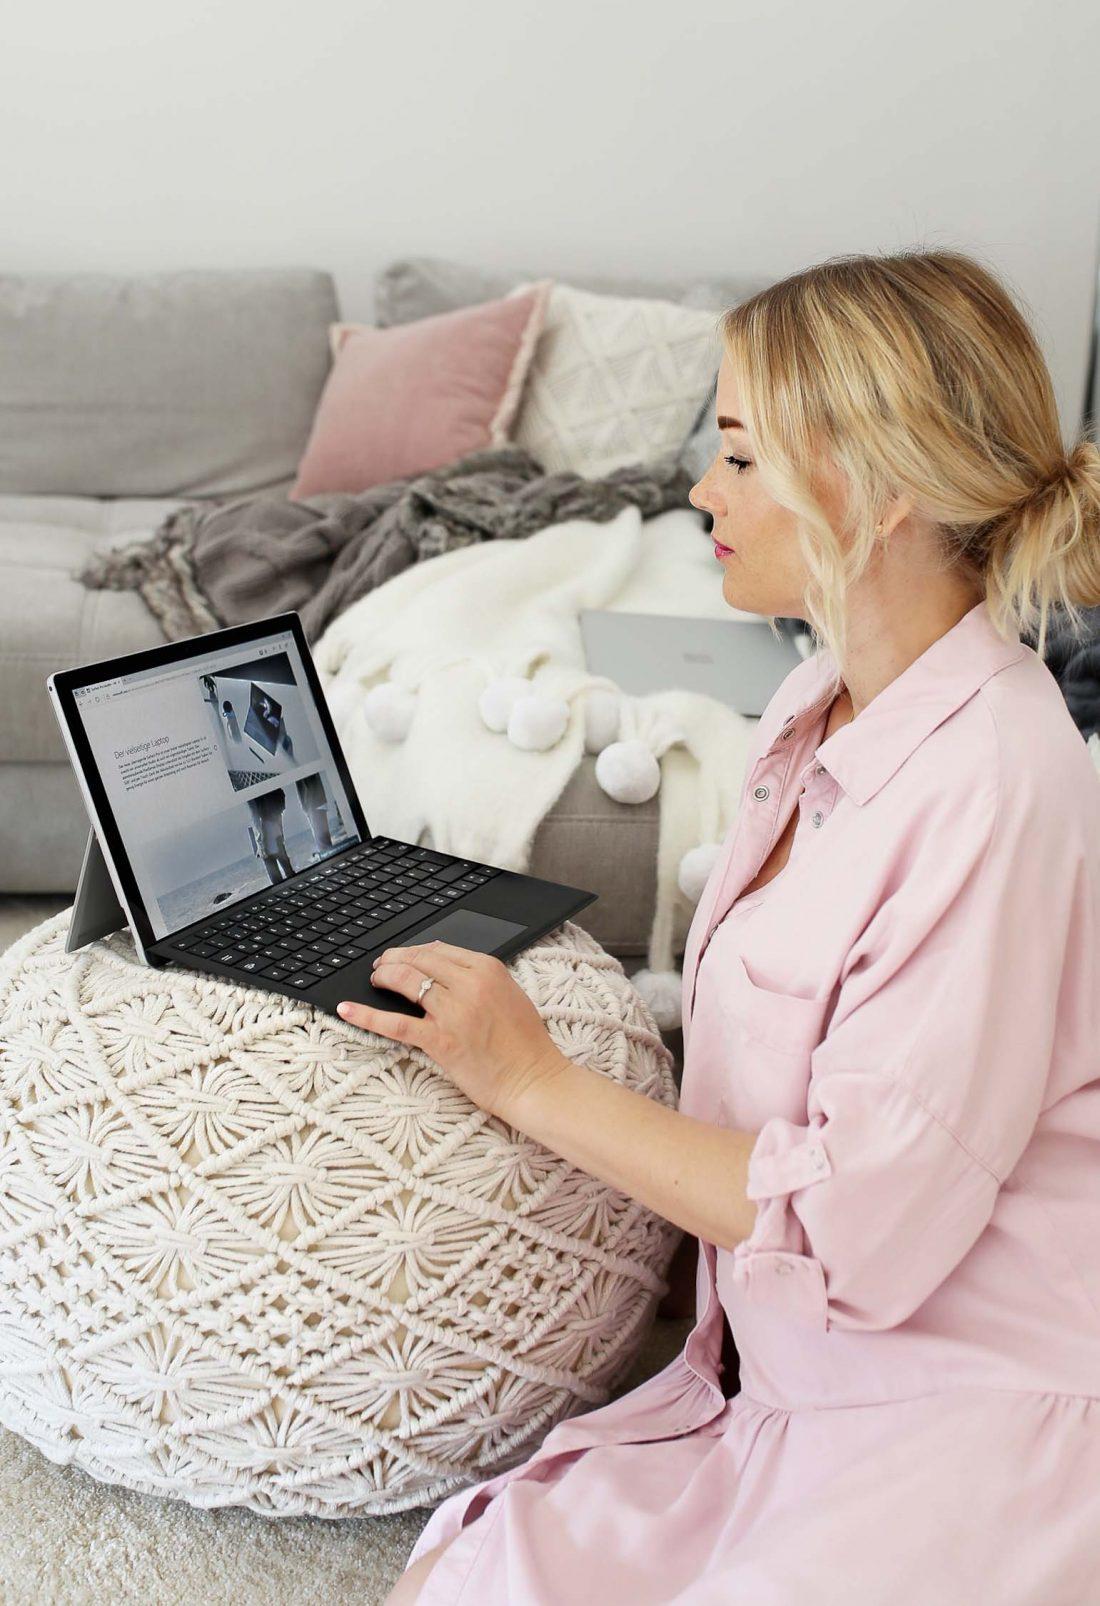 stylingliebe-lifestyleblogger-lifestyleblog-muenchen-styleblog-munich-blogger-deutschland-fashionblogger-bloggerdeutschland-germanblogger-die-qual-der-wahl-surface-pro-oder-surface-laptop-4-1100x1606